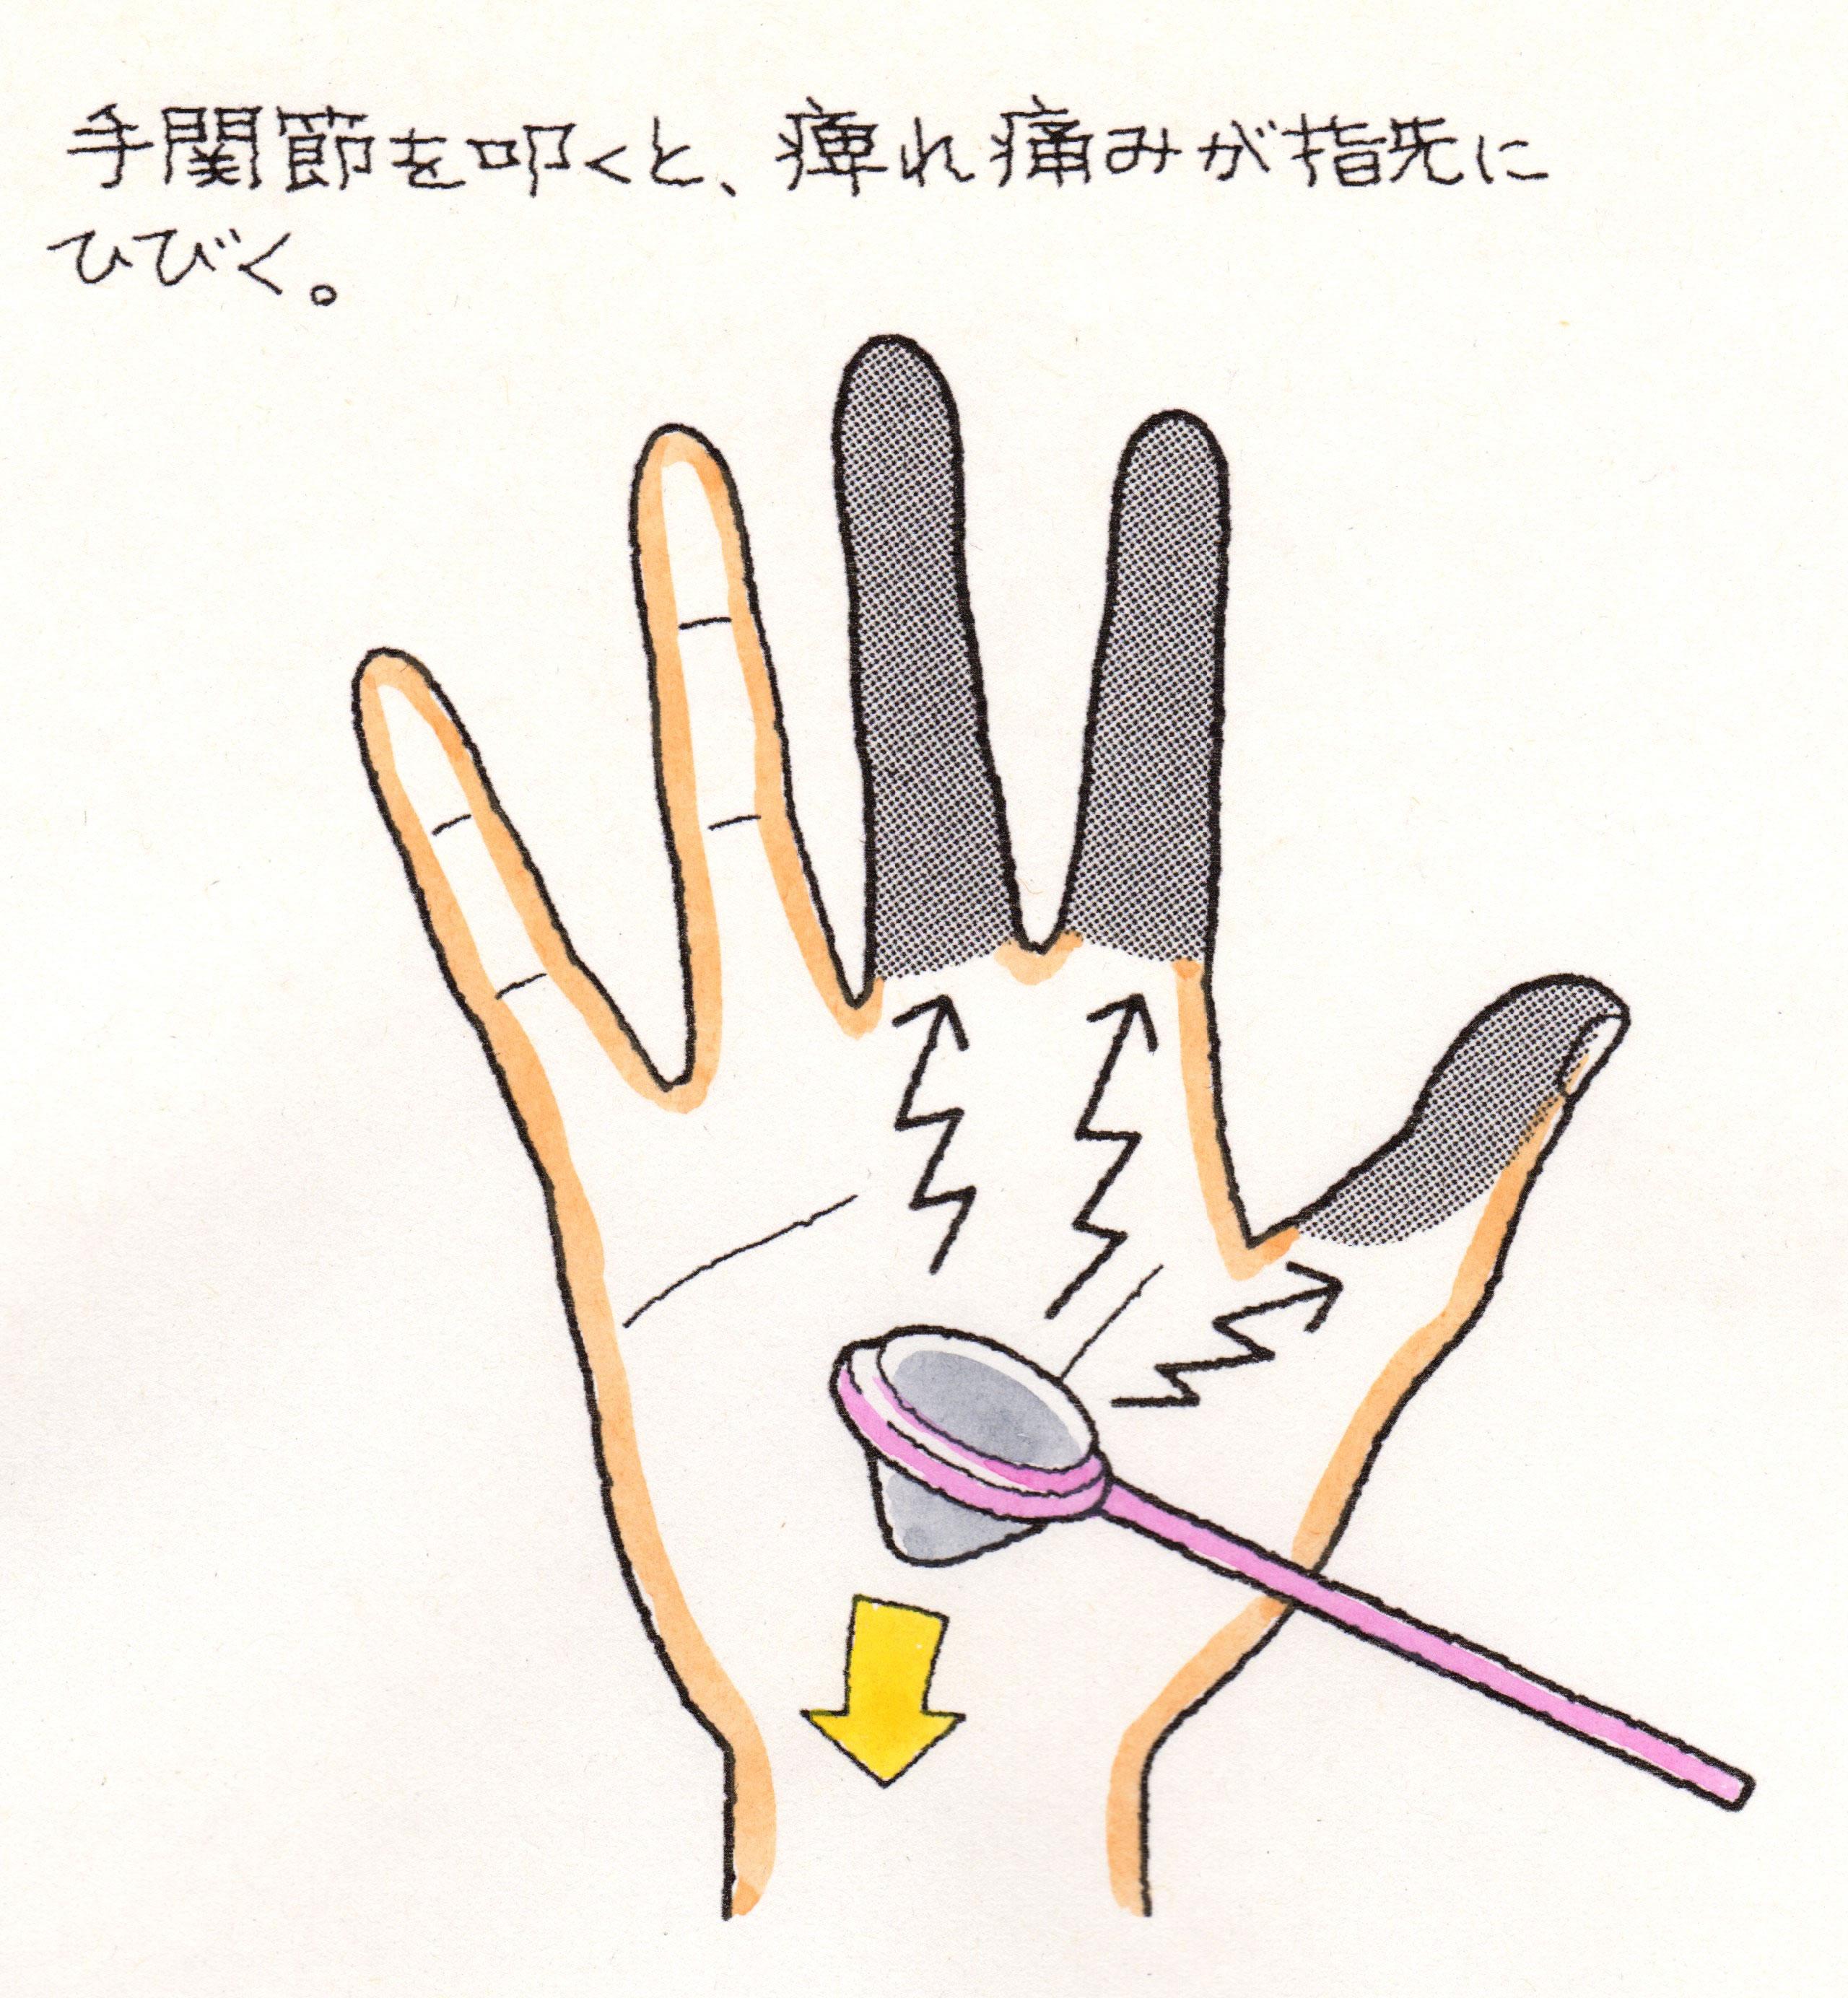 手 根 管 症候群 手根管症候群の手術する前に知っておきたい4つのこと